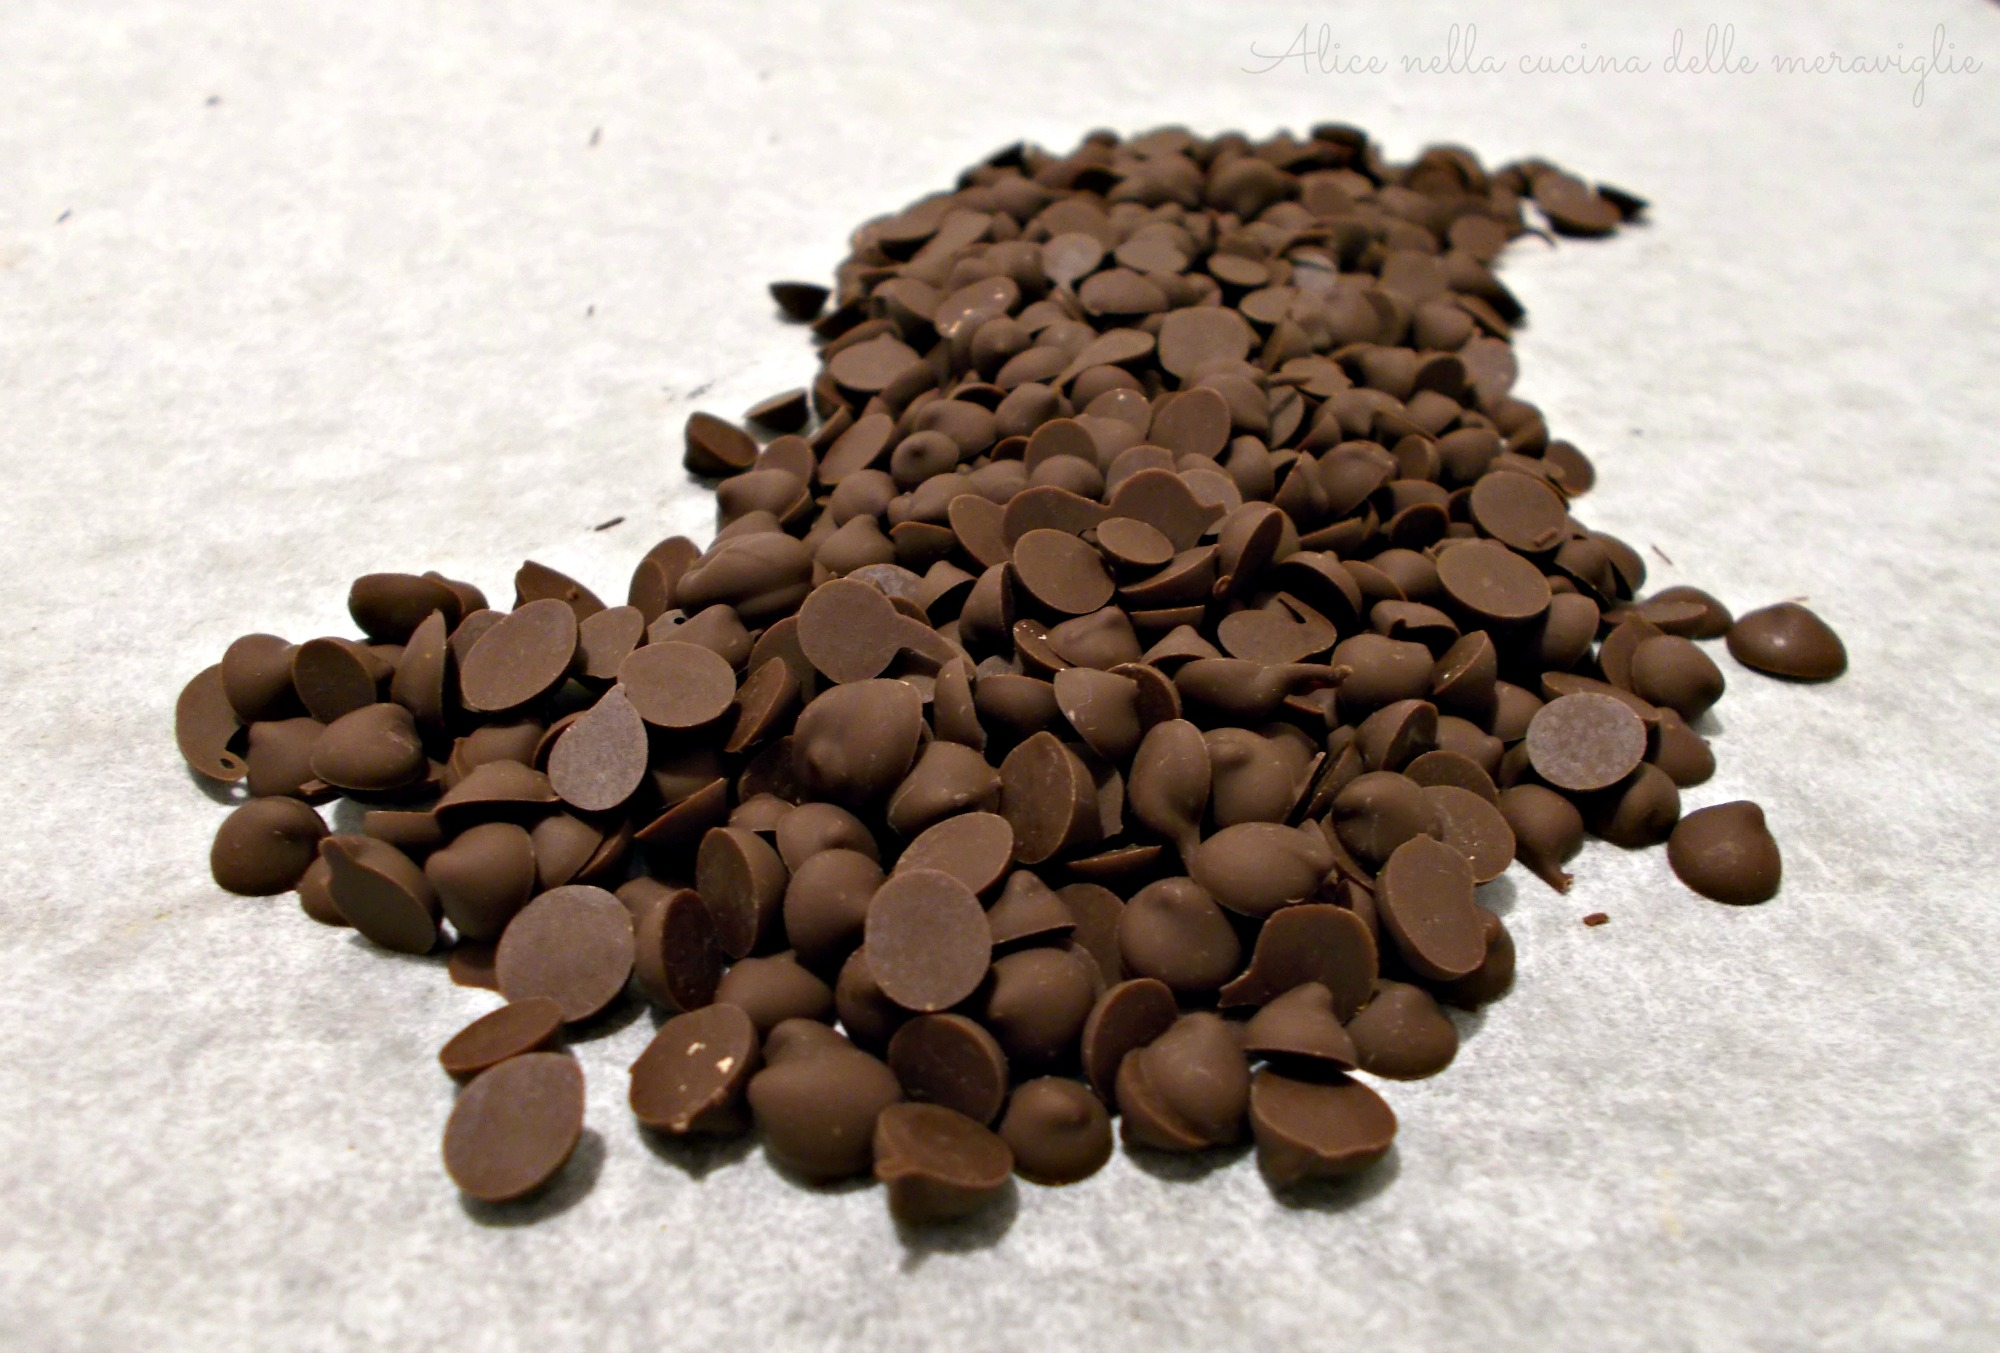 Gocce di cioccolato fatte in casa Ricetta base dolce Alice nella cucina delle meraviglie